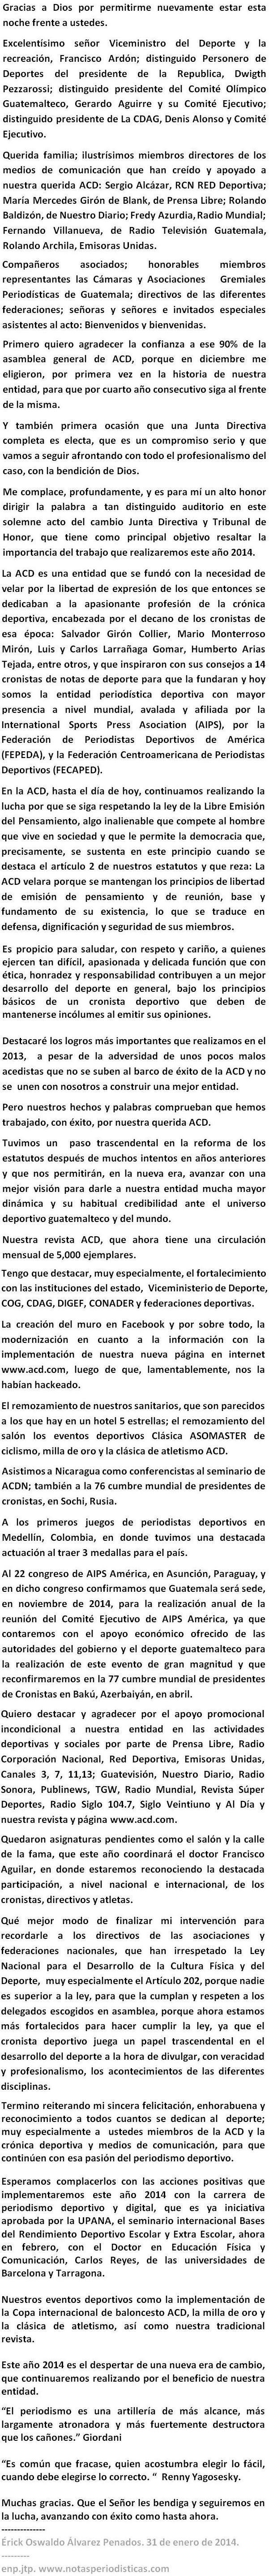 DISCURSO ERICK ALVAREZ PENADOS acd 31124.